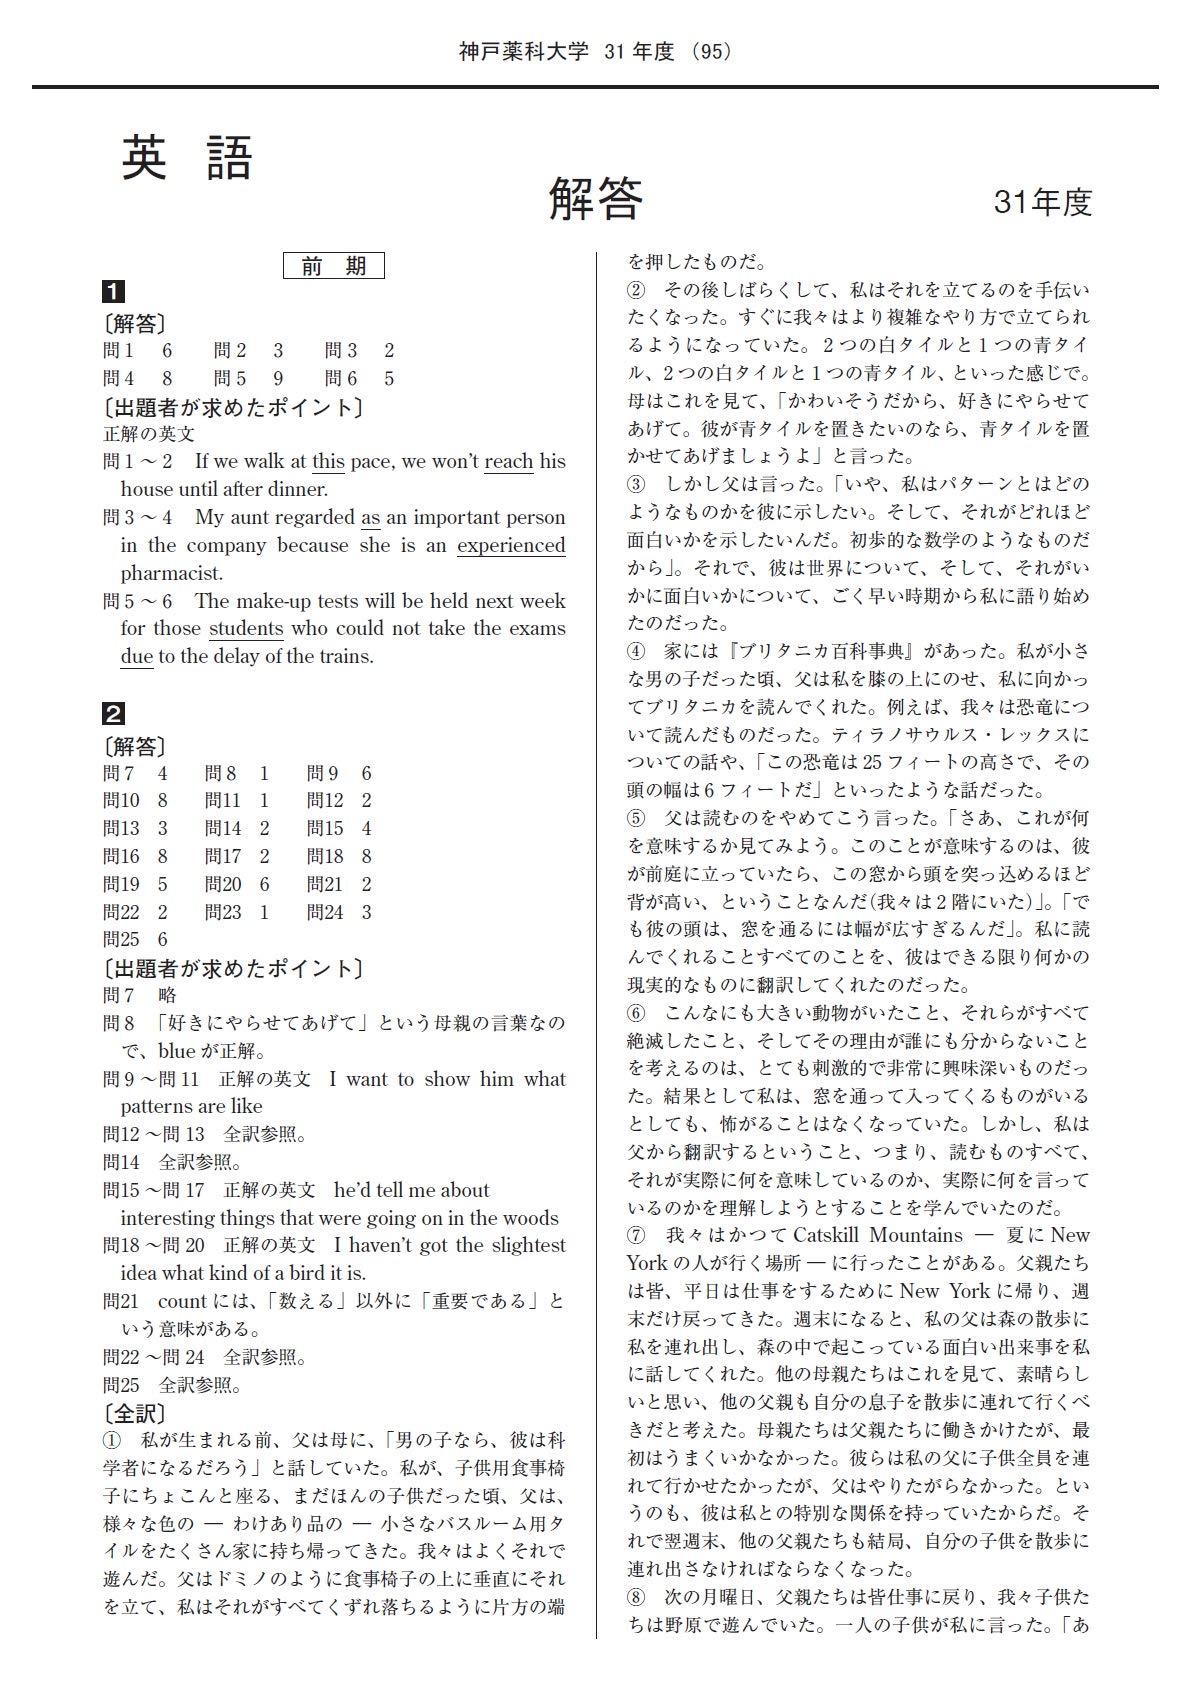 大学 神戸 薬科